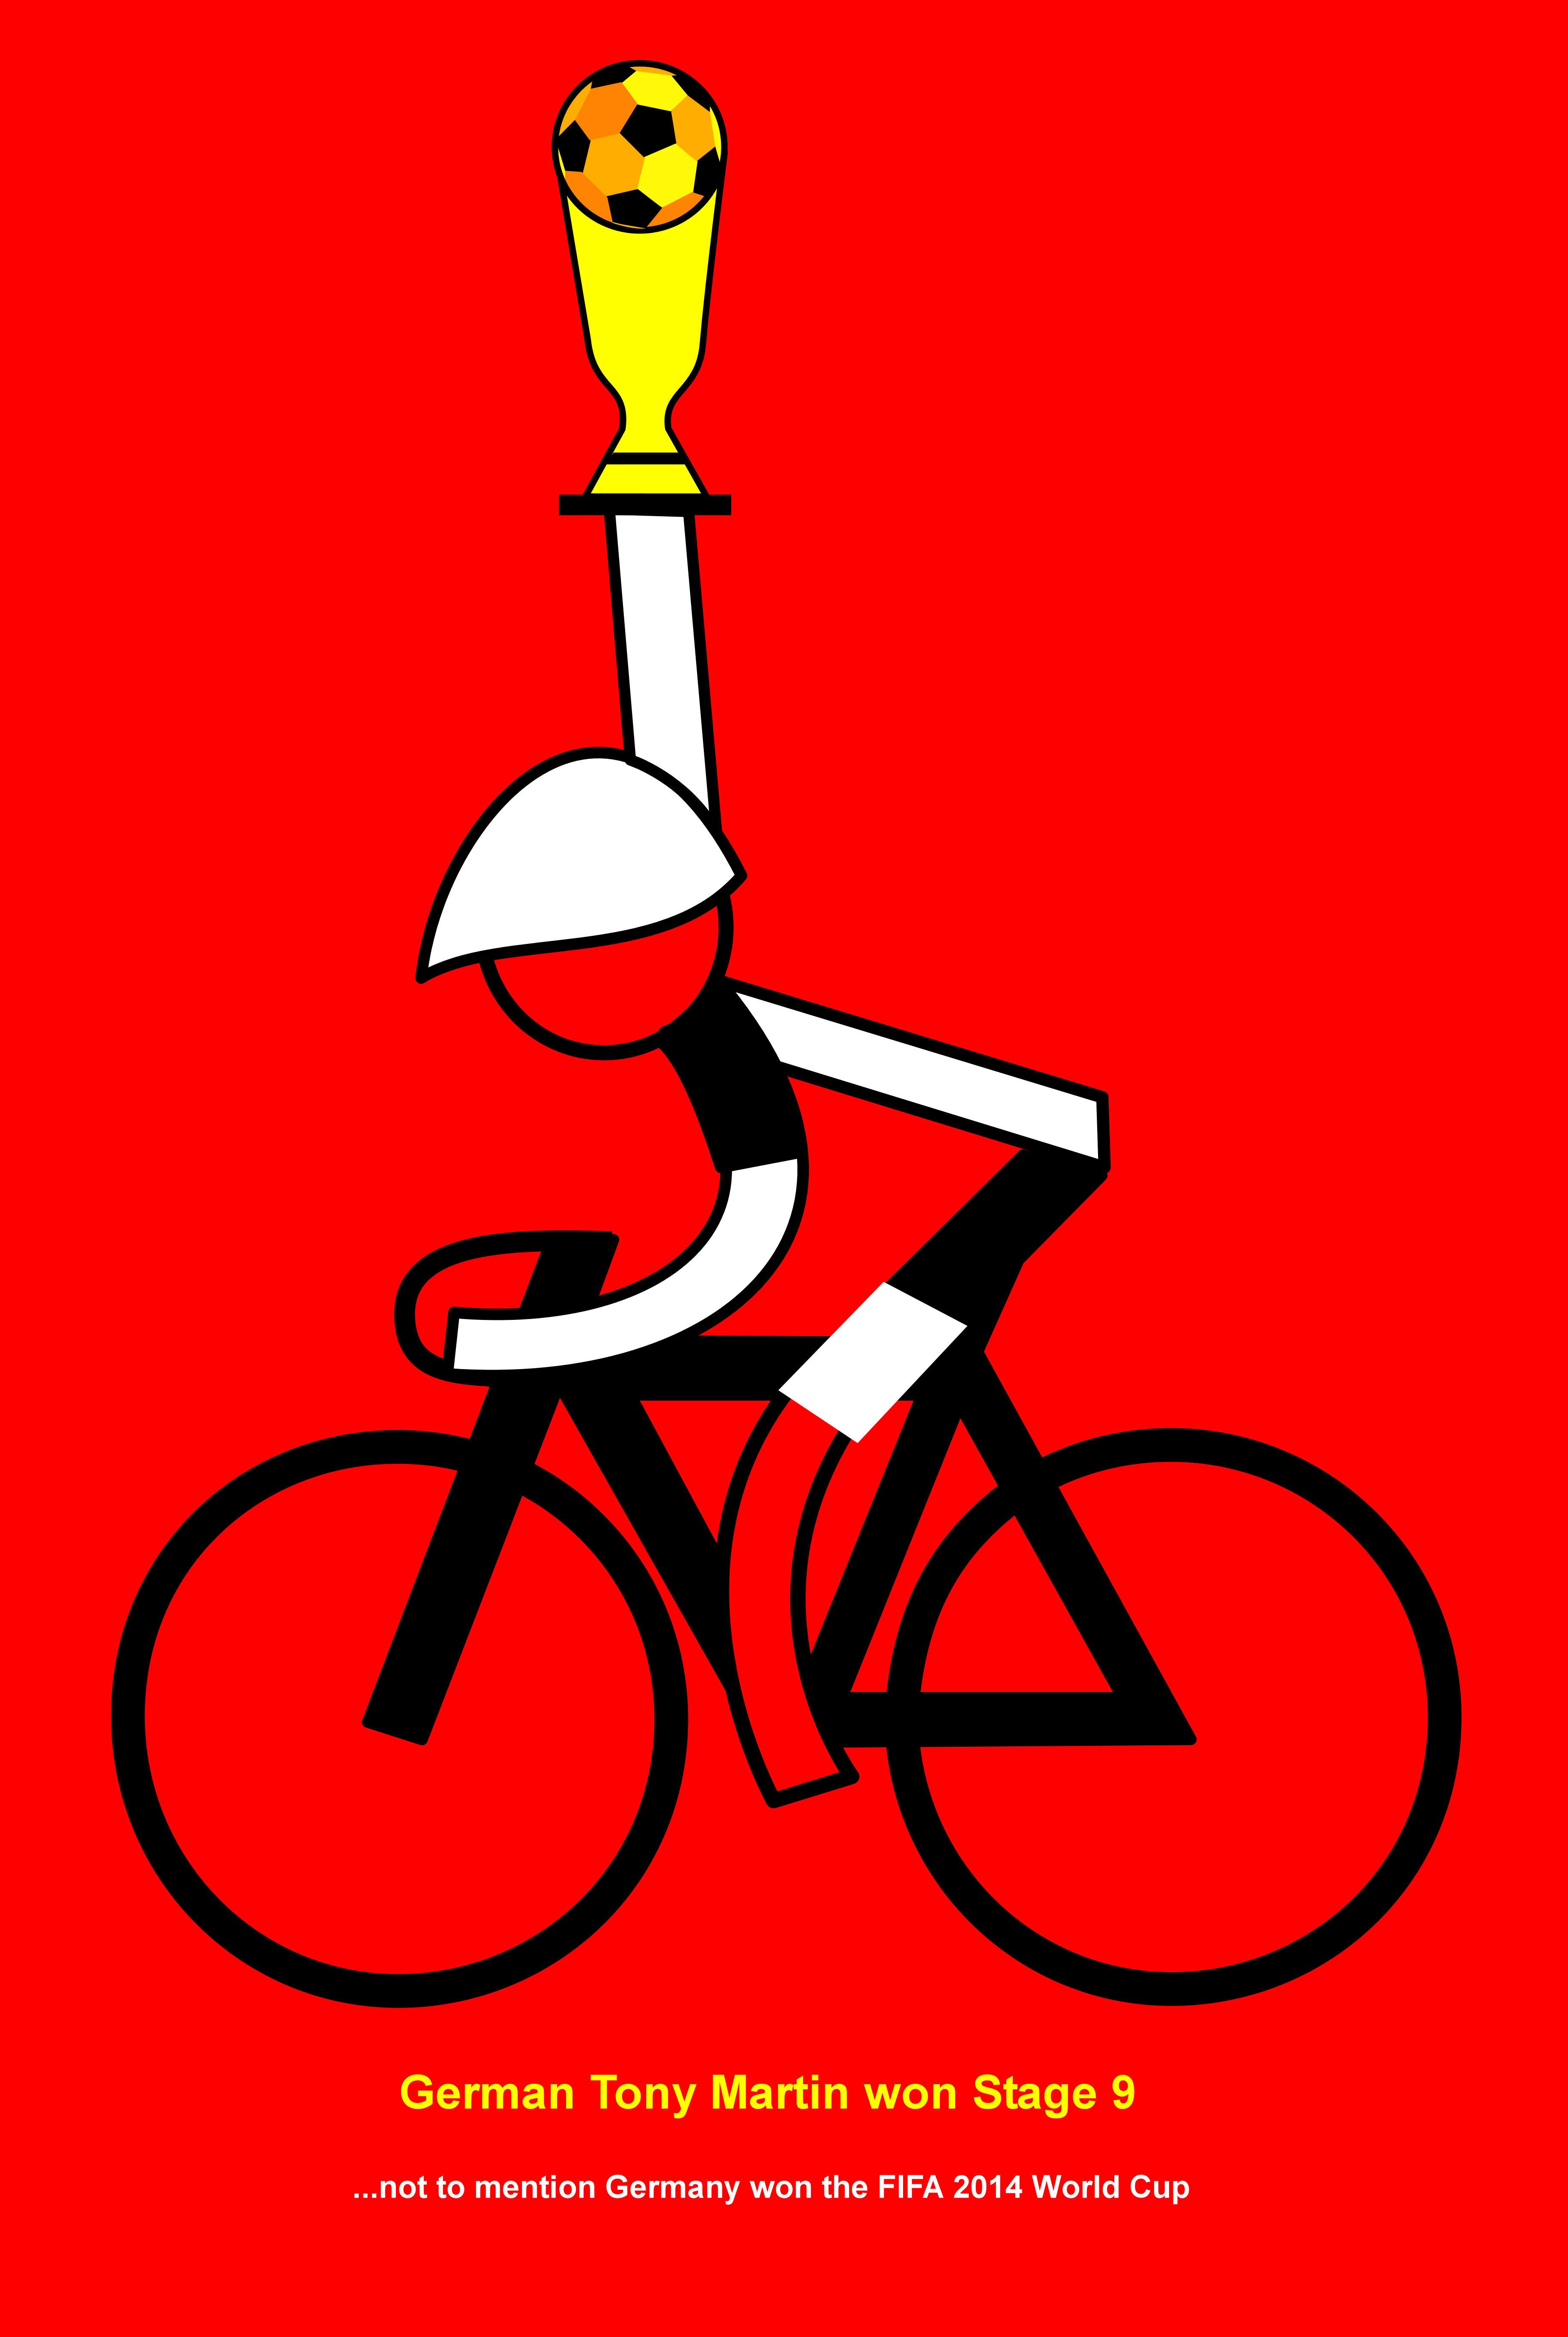 Gérardmer, Mulhouse,                                         Lorraine, Lothringen, Alsace,                                         Elsass, Tony Martin, Stage 9,                                         July 13th, FIFA 2014 World Cup,                                         Tour de France 2014, Tour de                                         France, Gérardmer, Mulhouse,                                         Lorraine, Lorraine, Alsace,                                         Elsass, Tony Martin, étape 9, le                                         13 Juillet, la FIFA Coupe du                                         Monde 2014, Tour de France 2014,                                         Tour de France